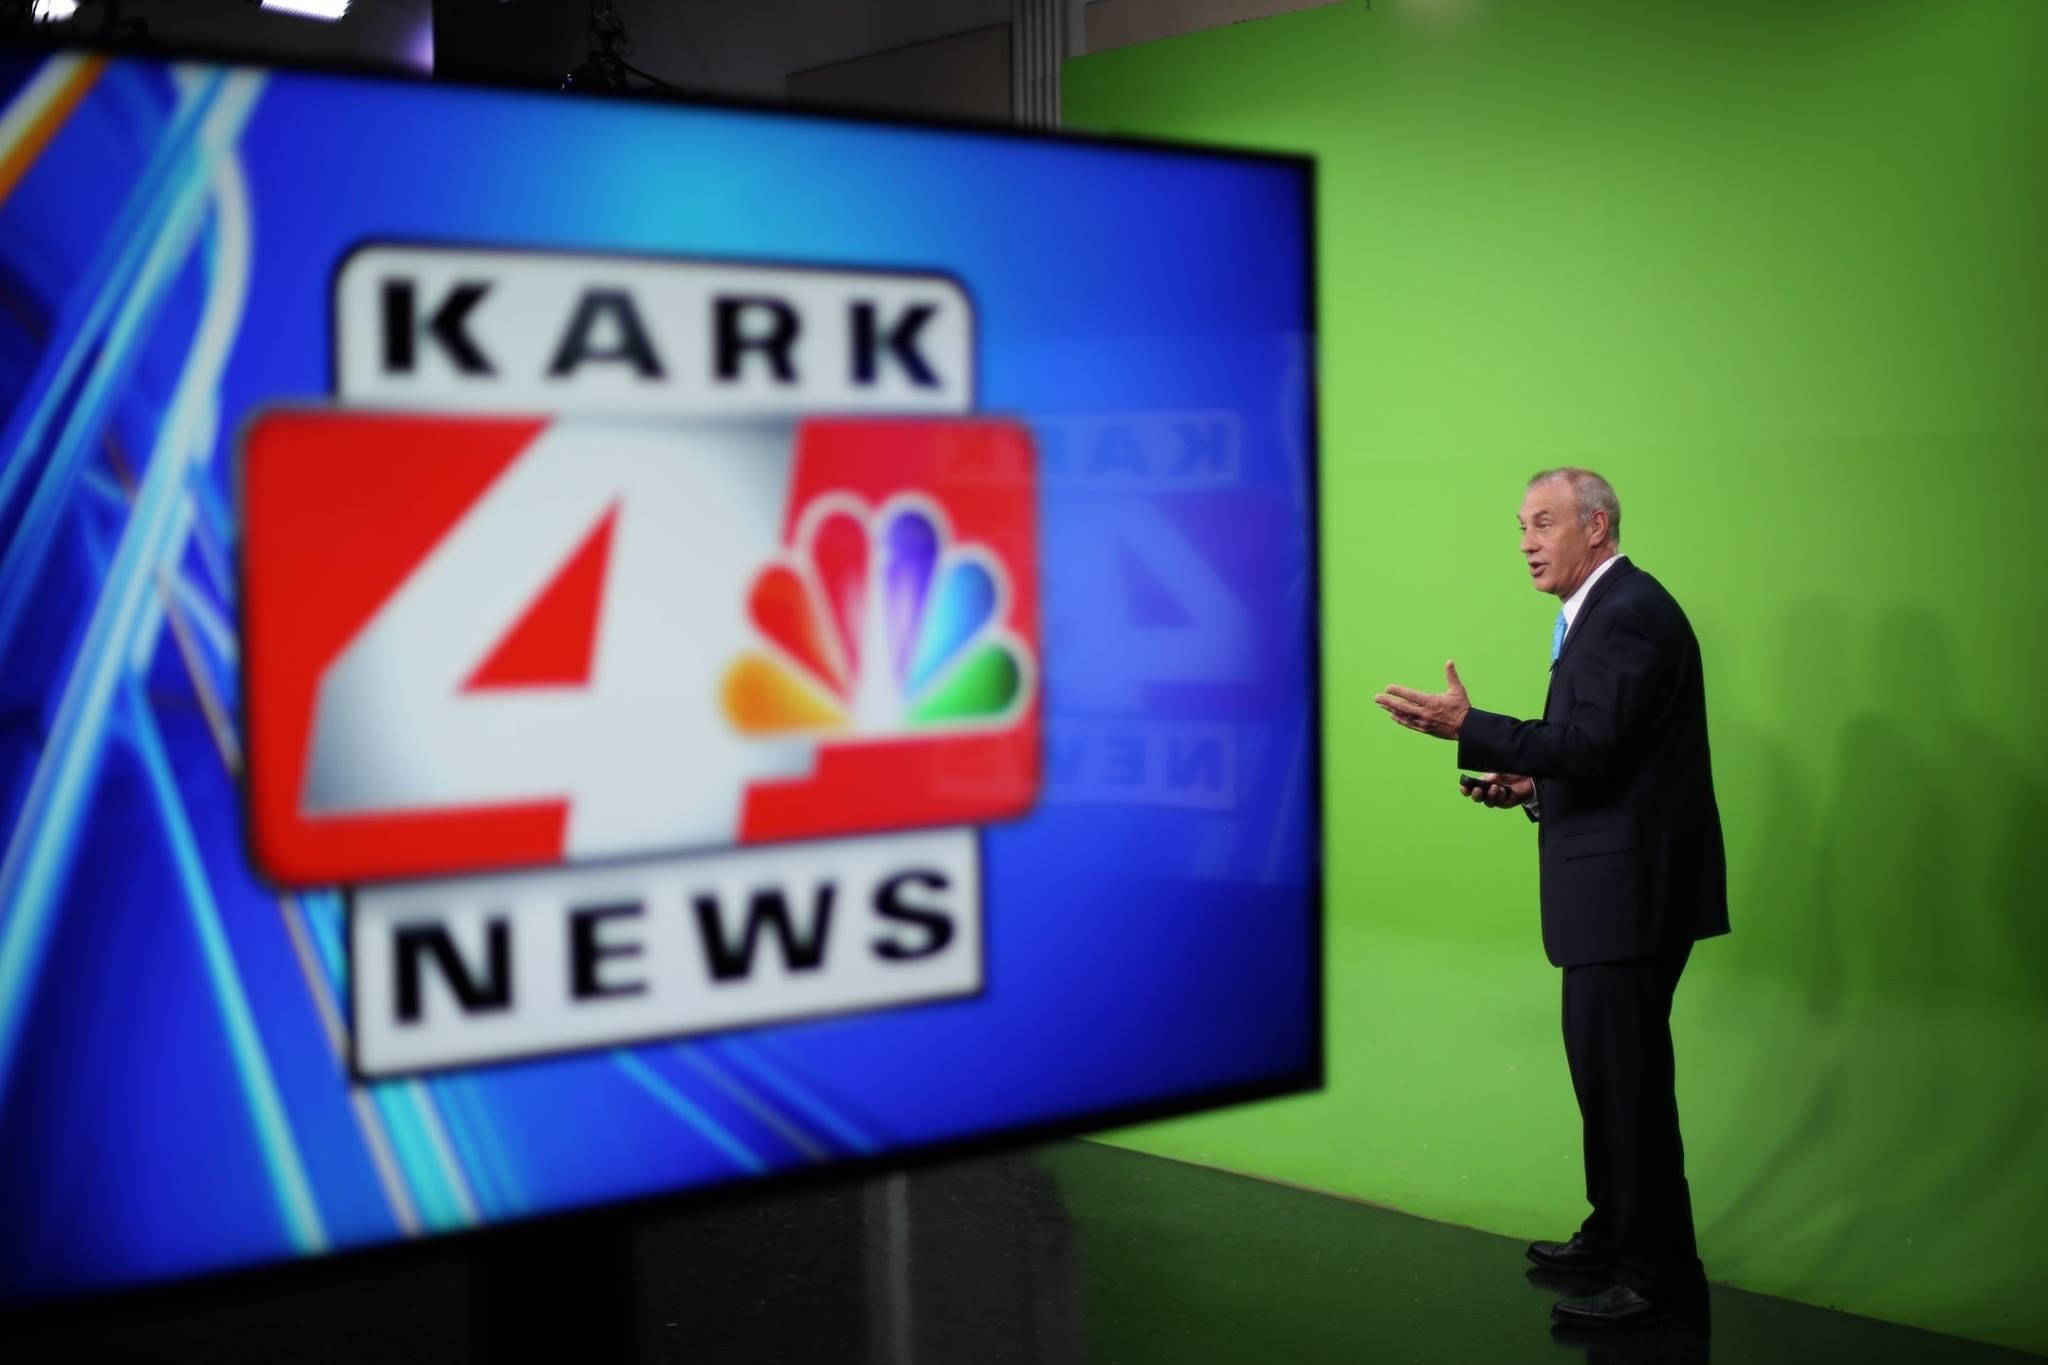 Thursday Evening Weather Update | KARK